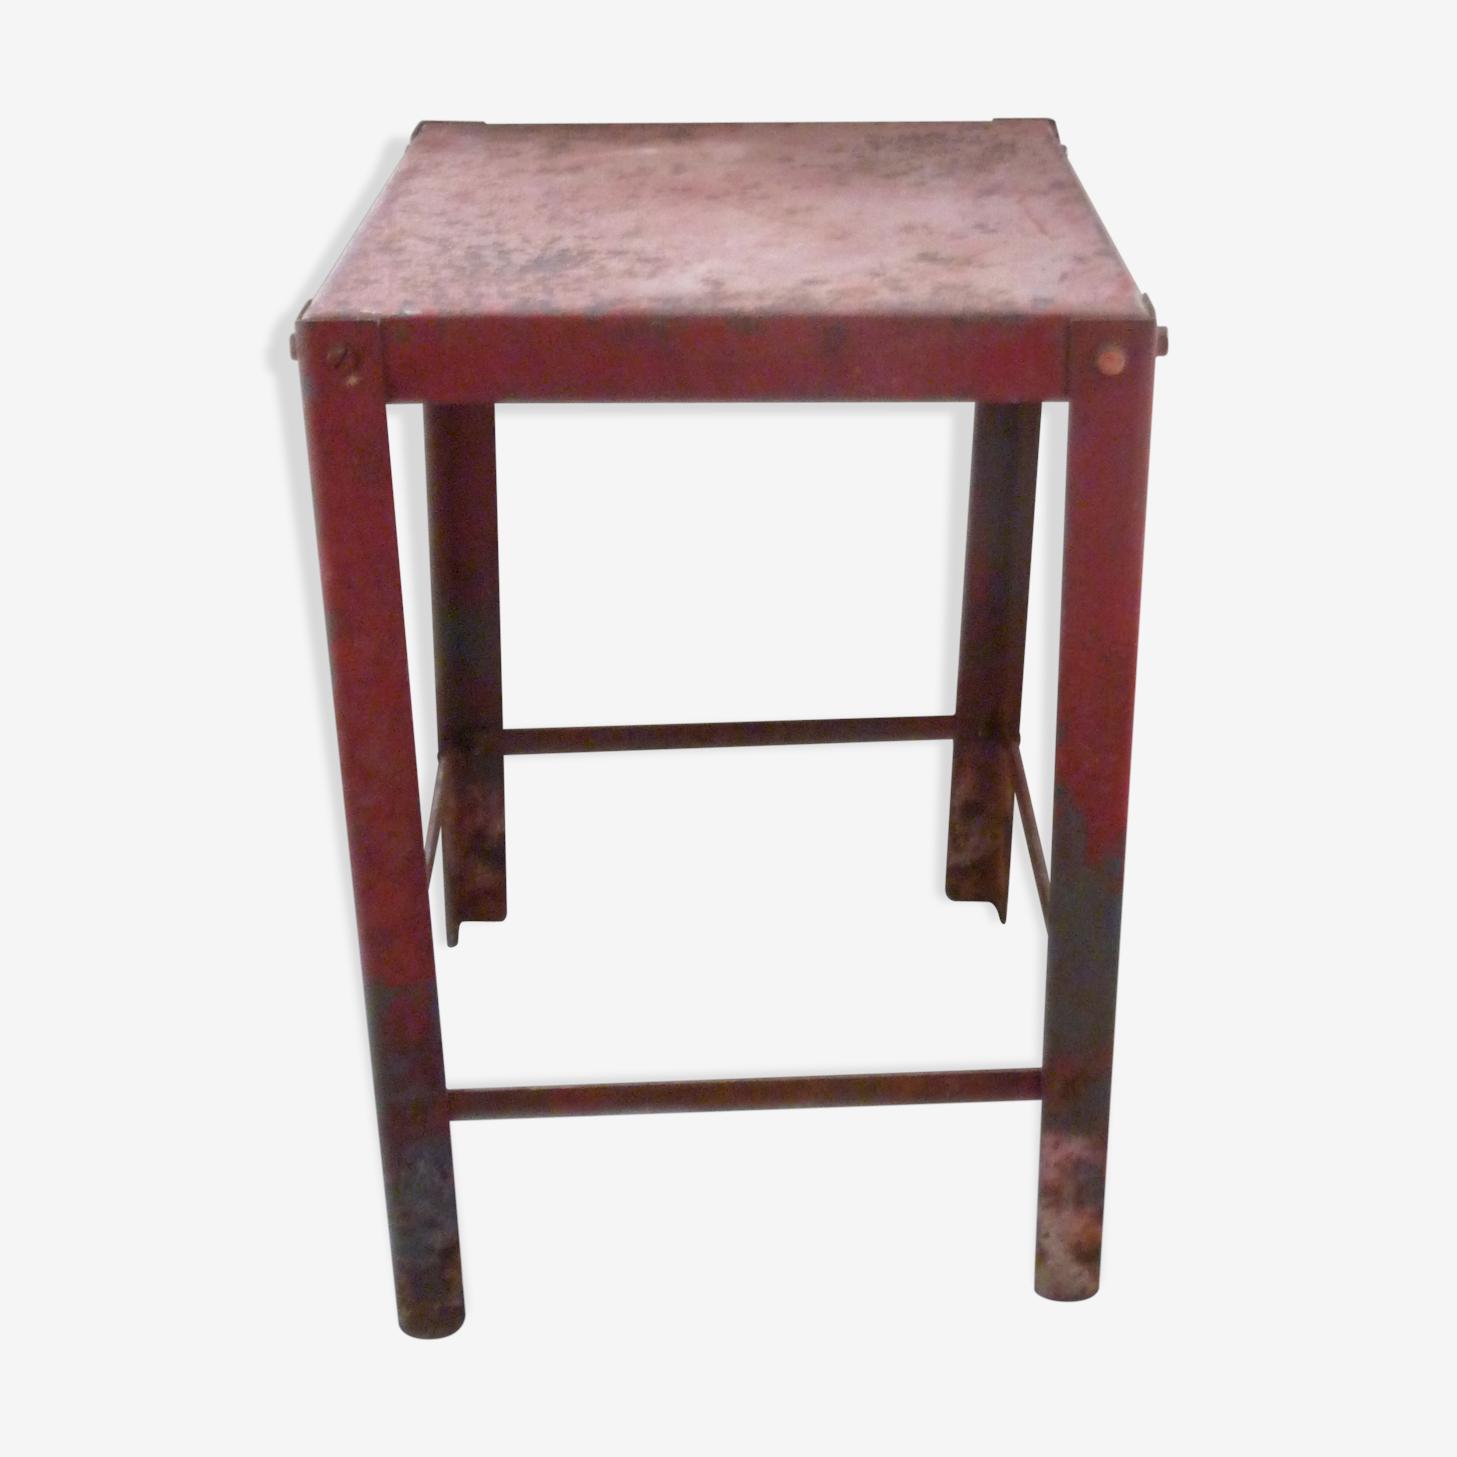 Tabouret d'atelier en métal rouge